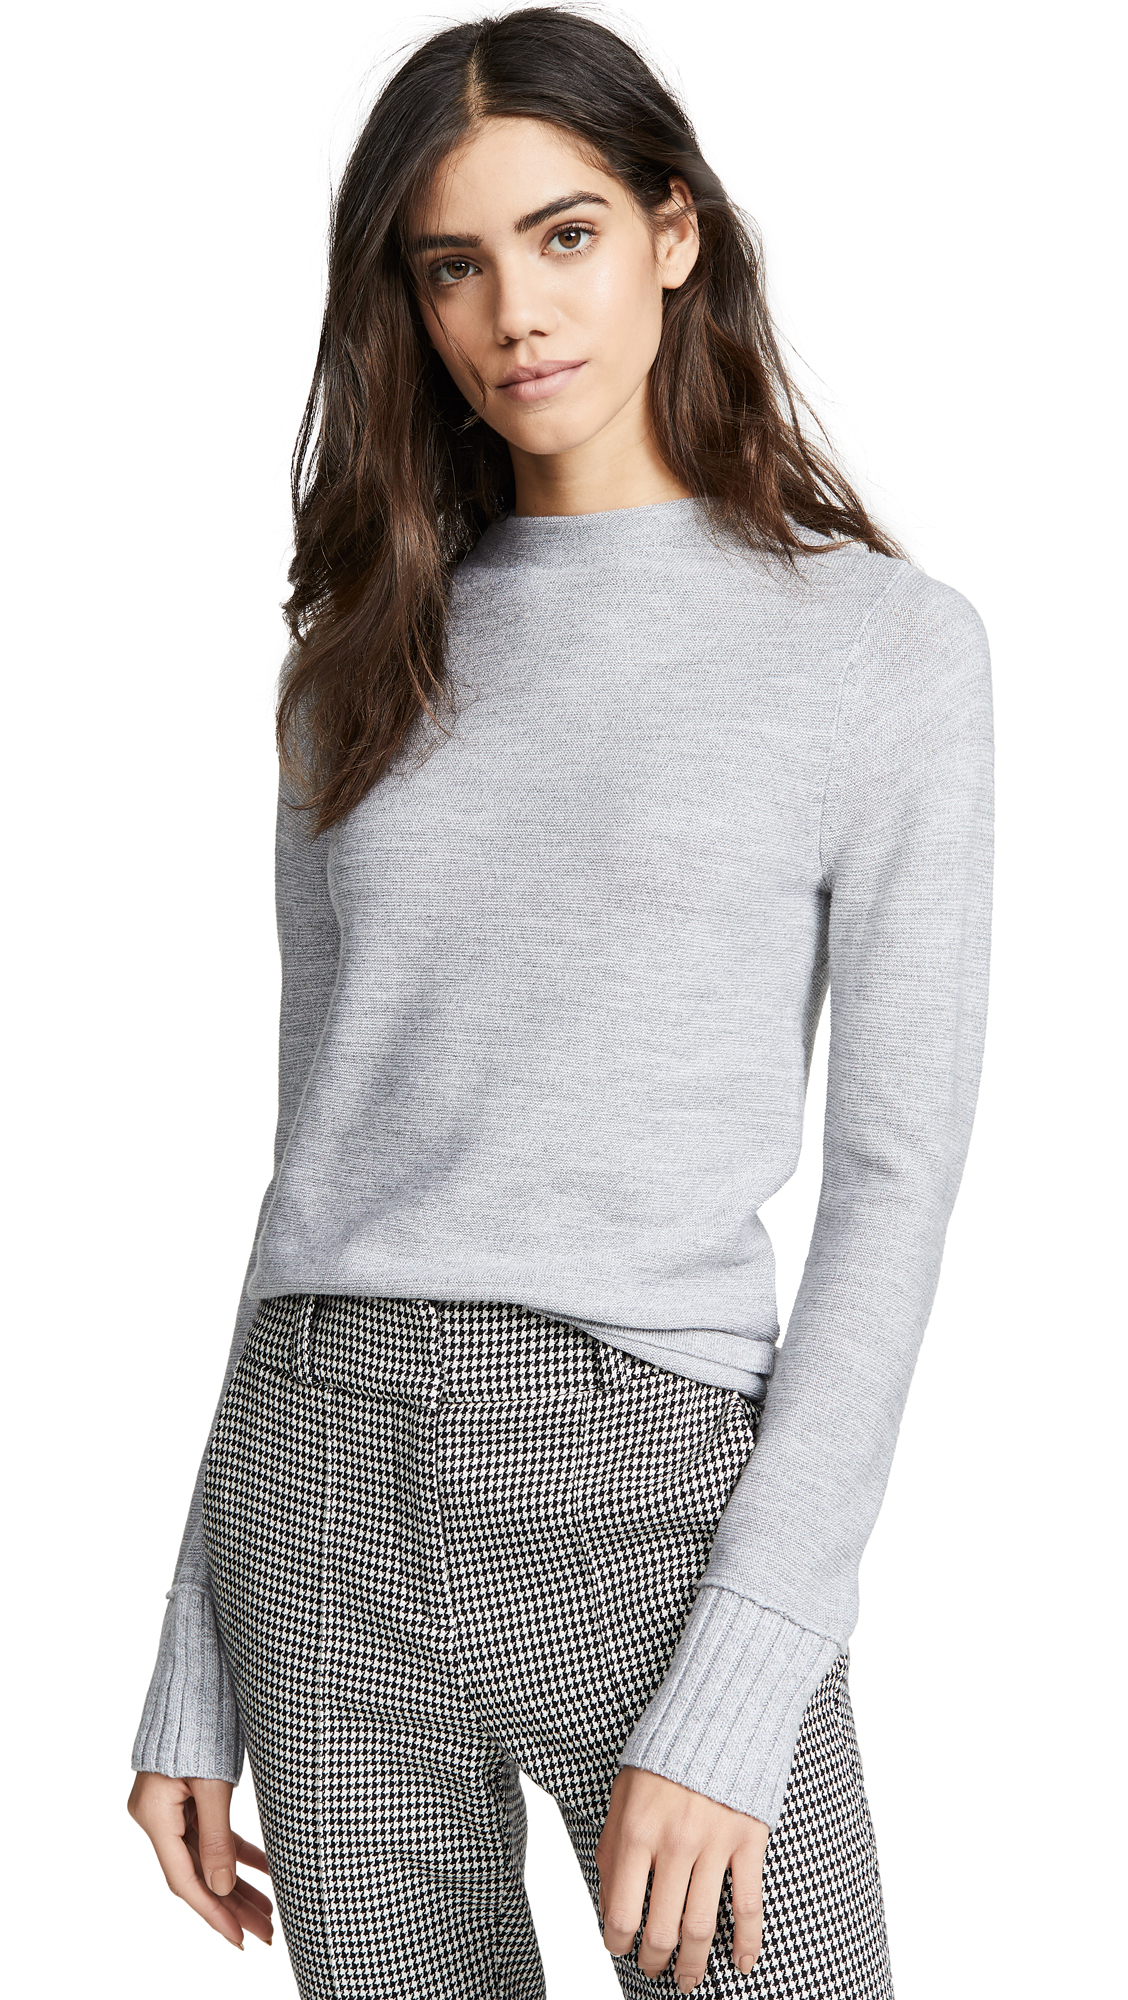 Club Monaco Tommie Sweater - Grey